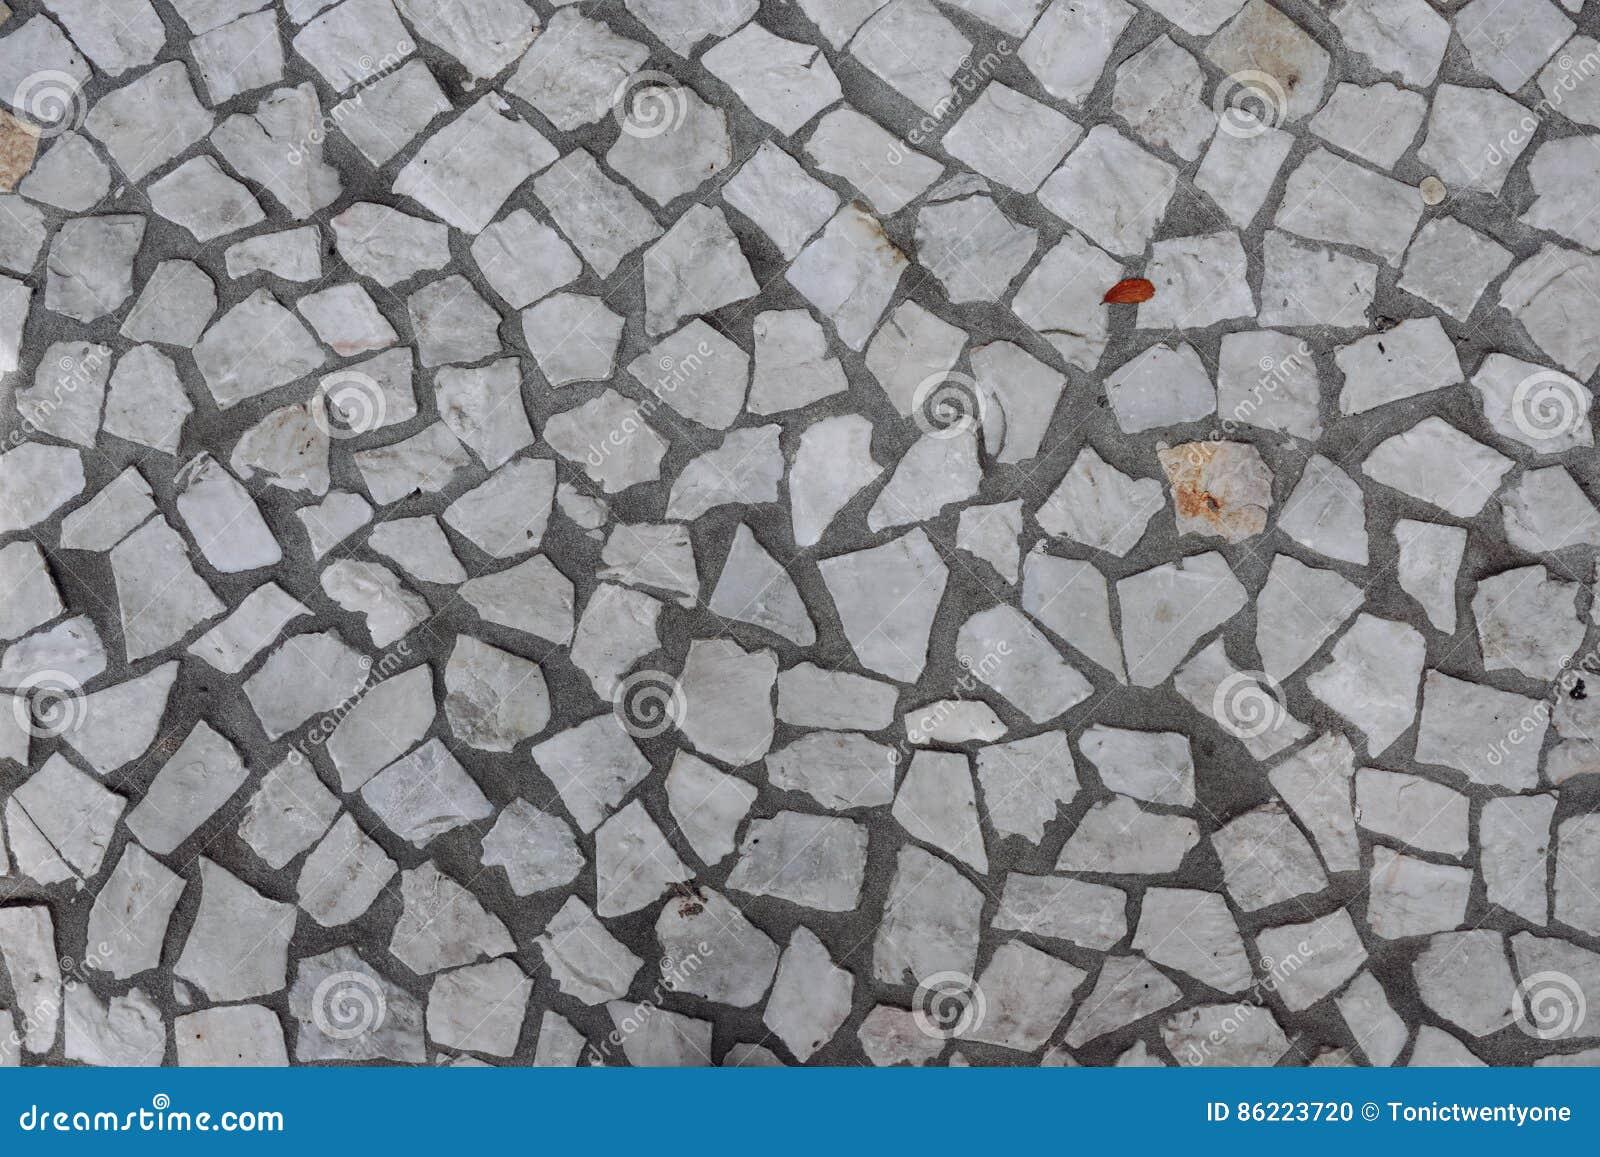 Baldosa suelo baldosas de suelosuelos de stone project - Baldosas de suelo ...